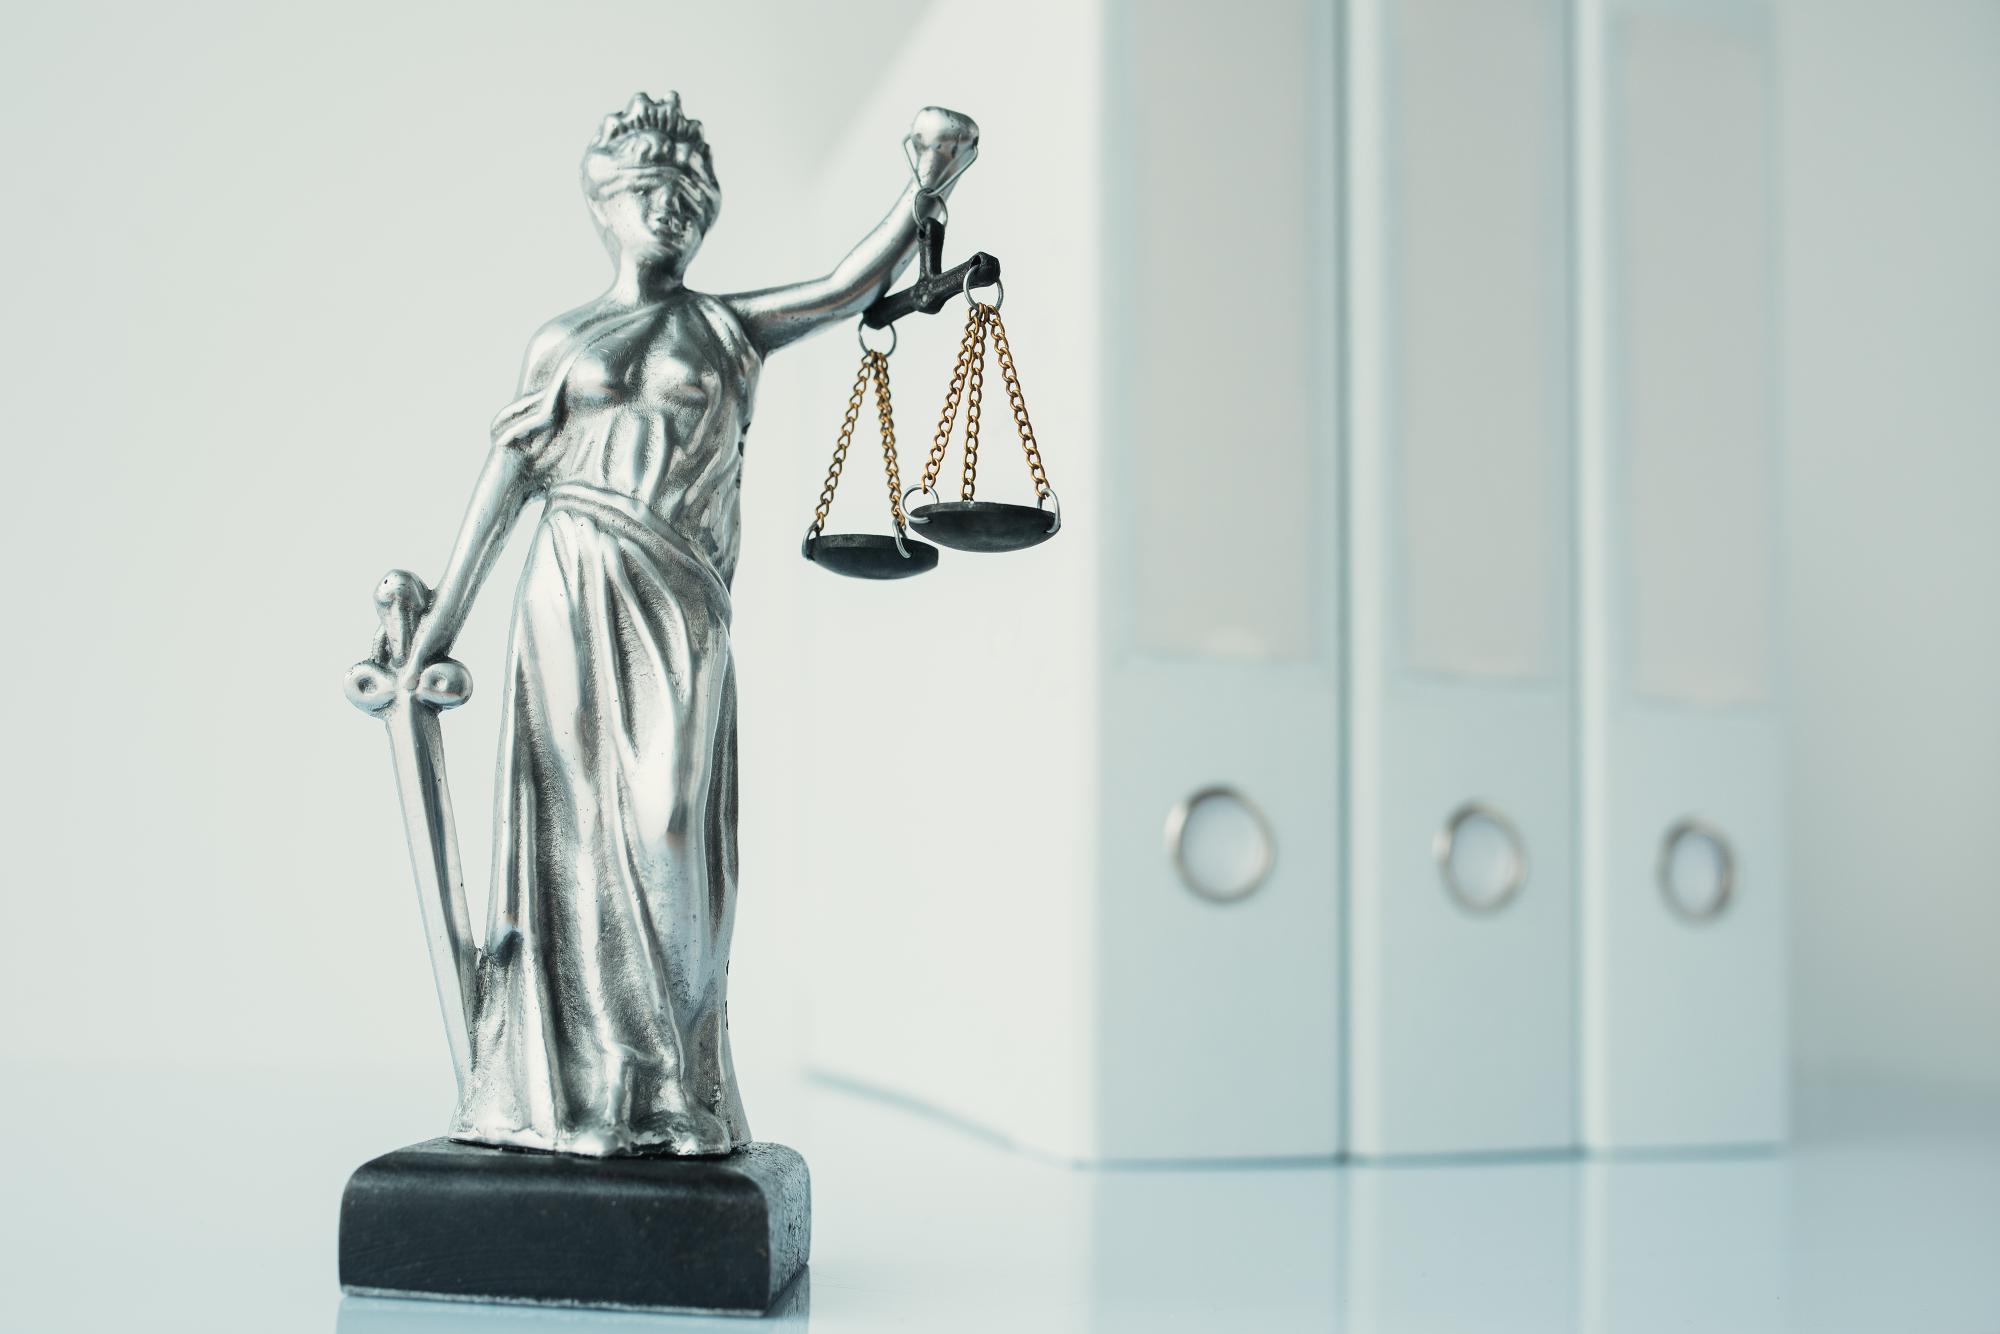 Суд не позволил налоговой инспекции выудить доходы из воздуха